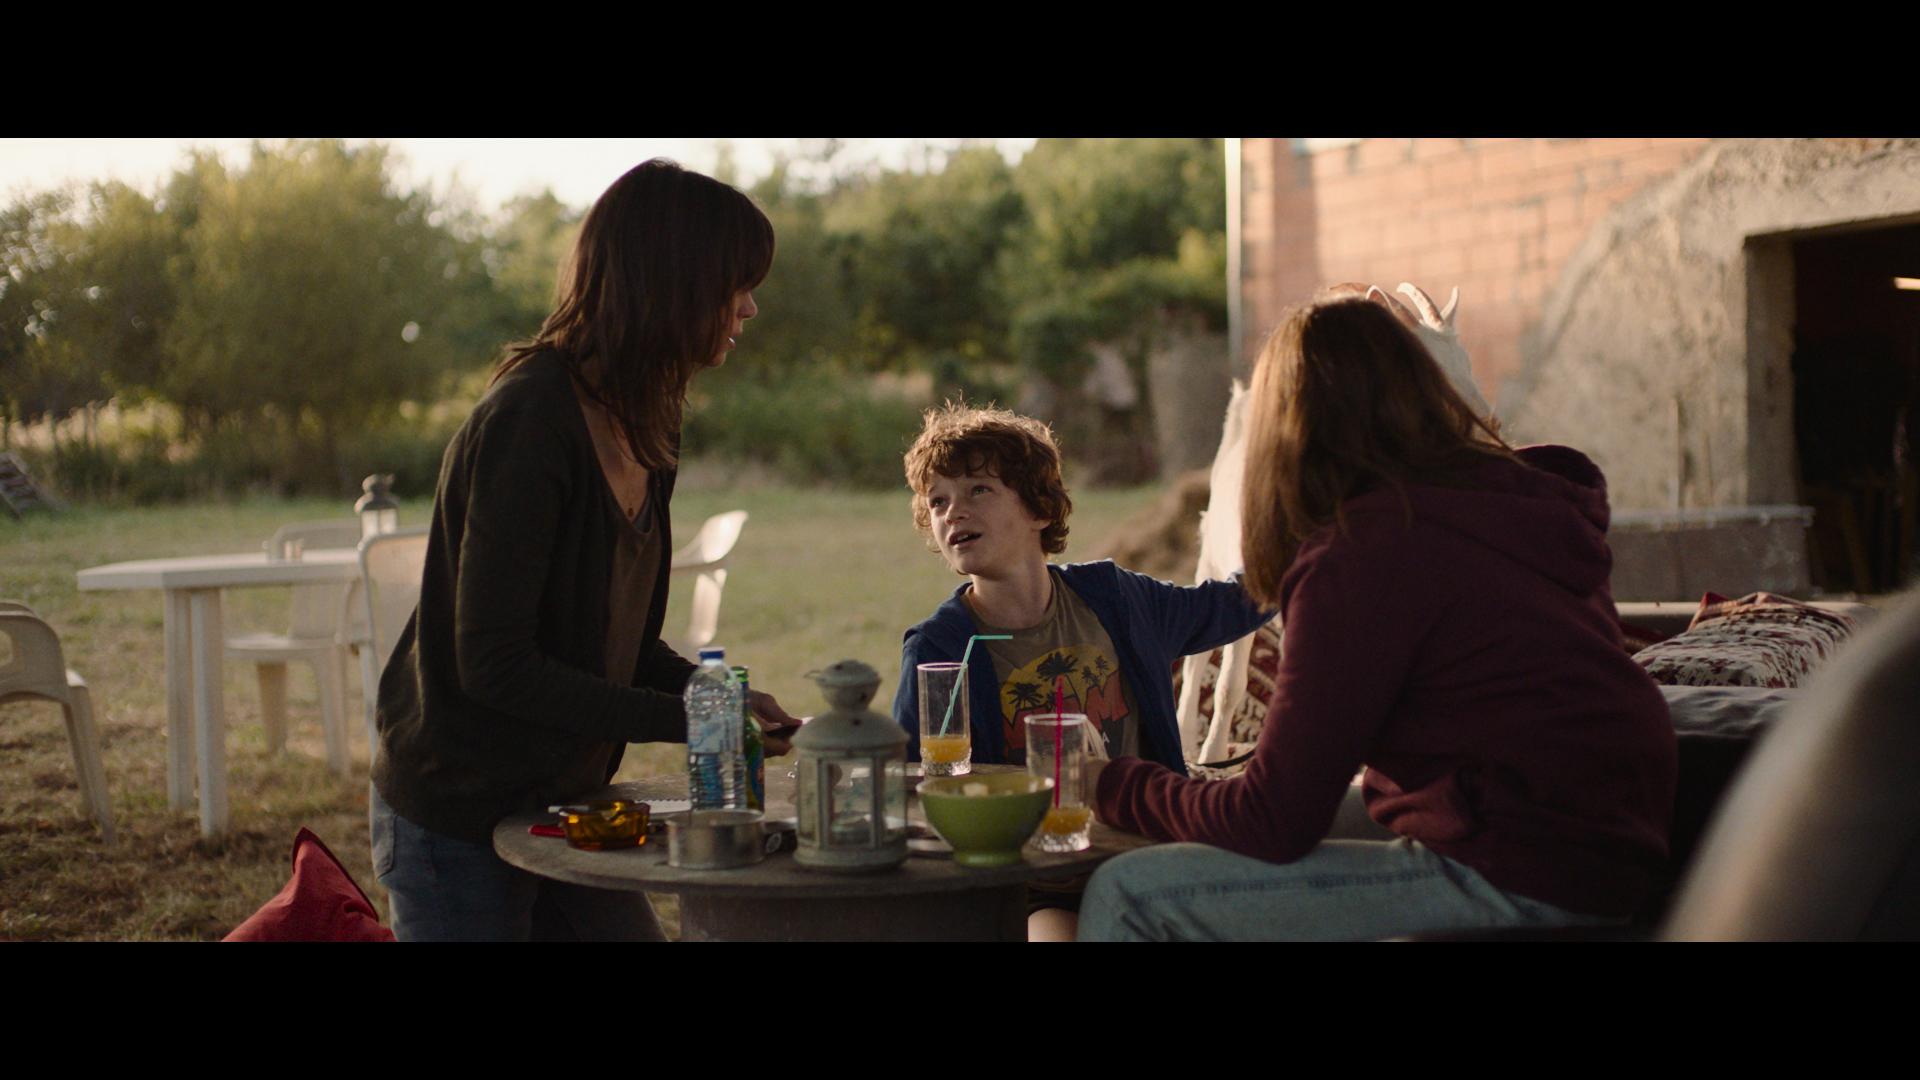 Virginie und ihre beiden Kinder am Frühstückstisch vor dem Haus - Schwarm der Schrecken